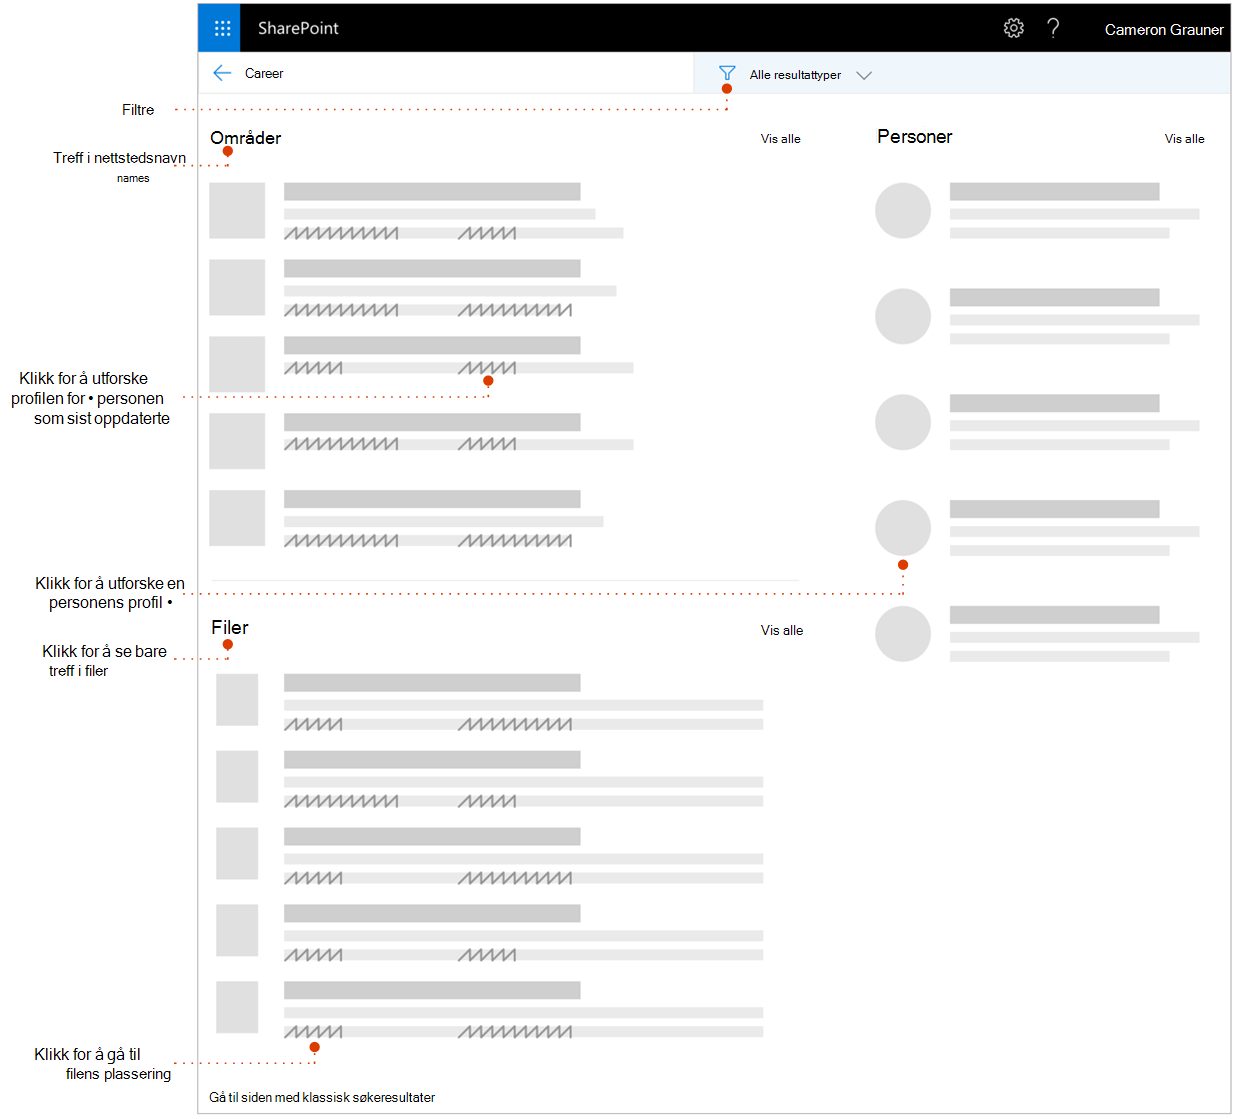 b1cbd512 Skjermbilde av søkeresultatene side med pekere til elementer for å utforske.